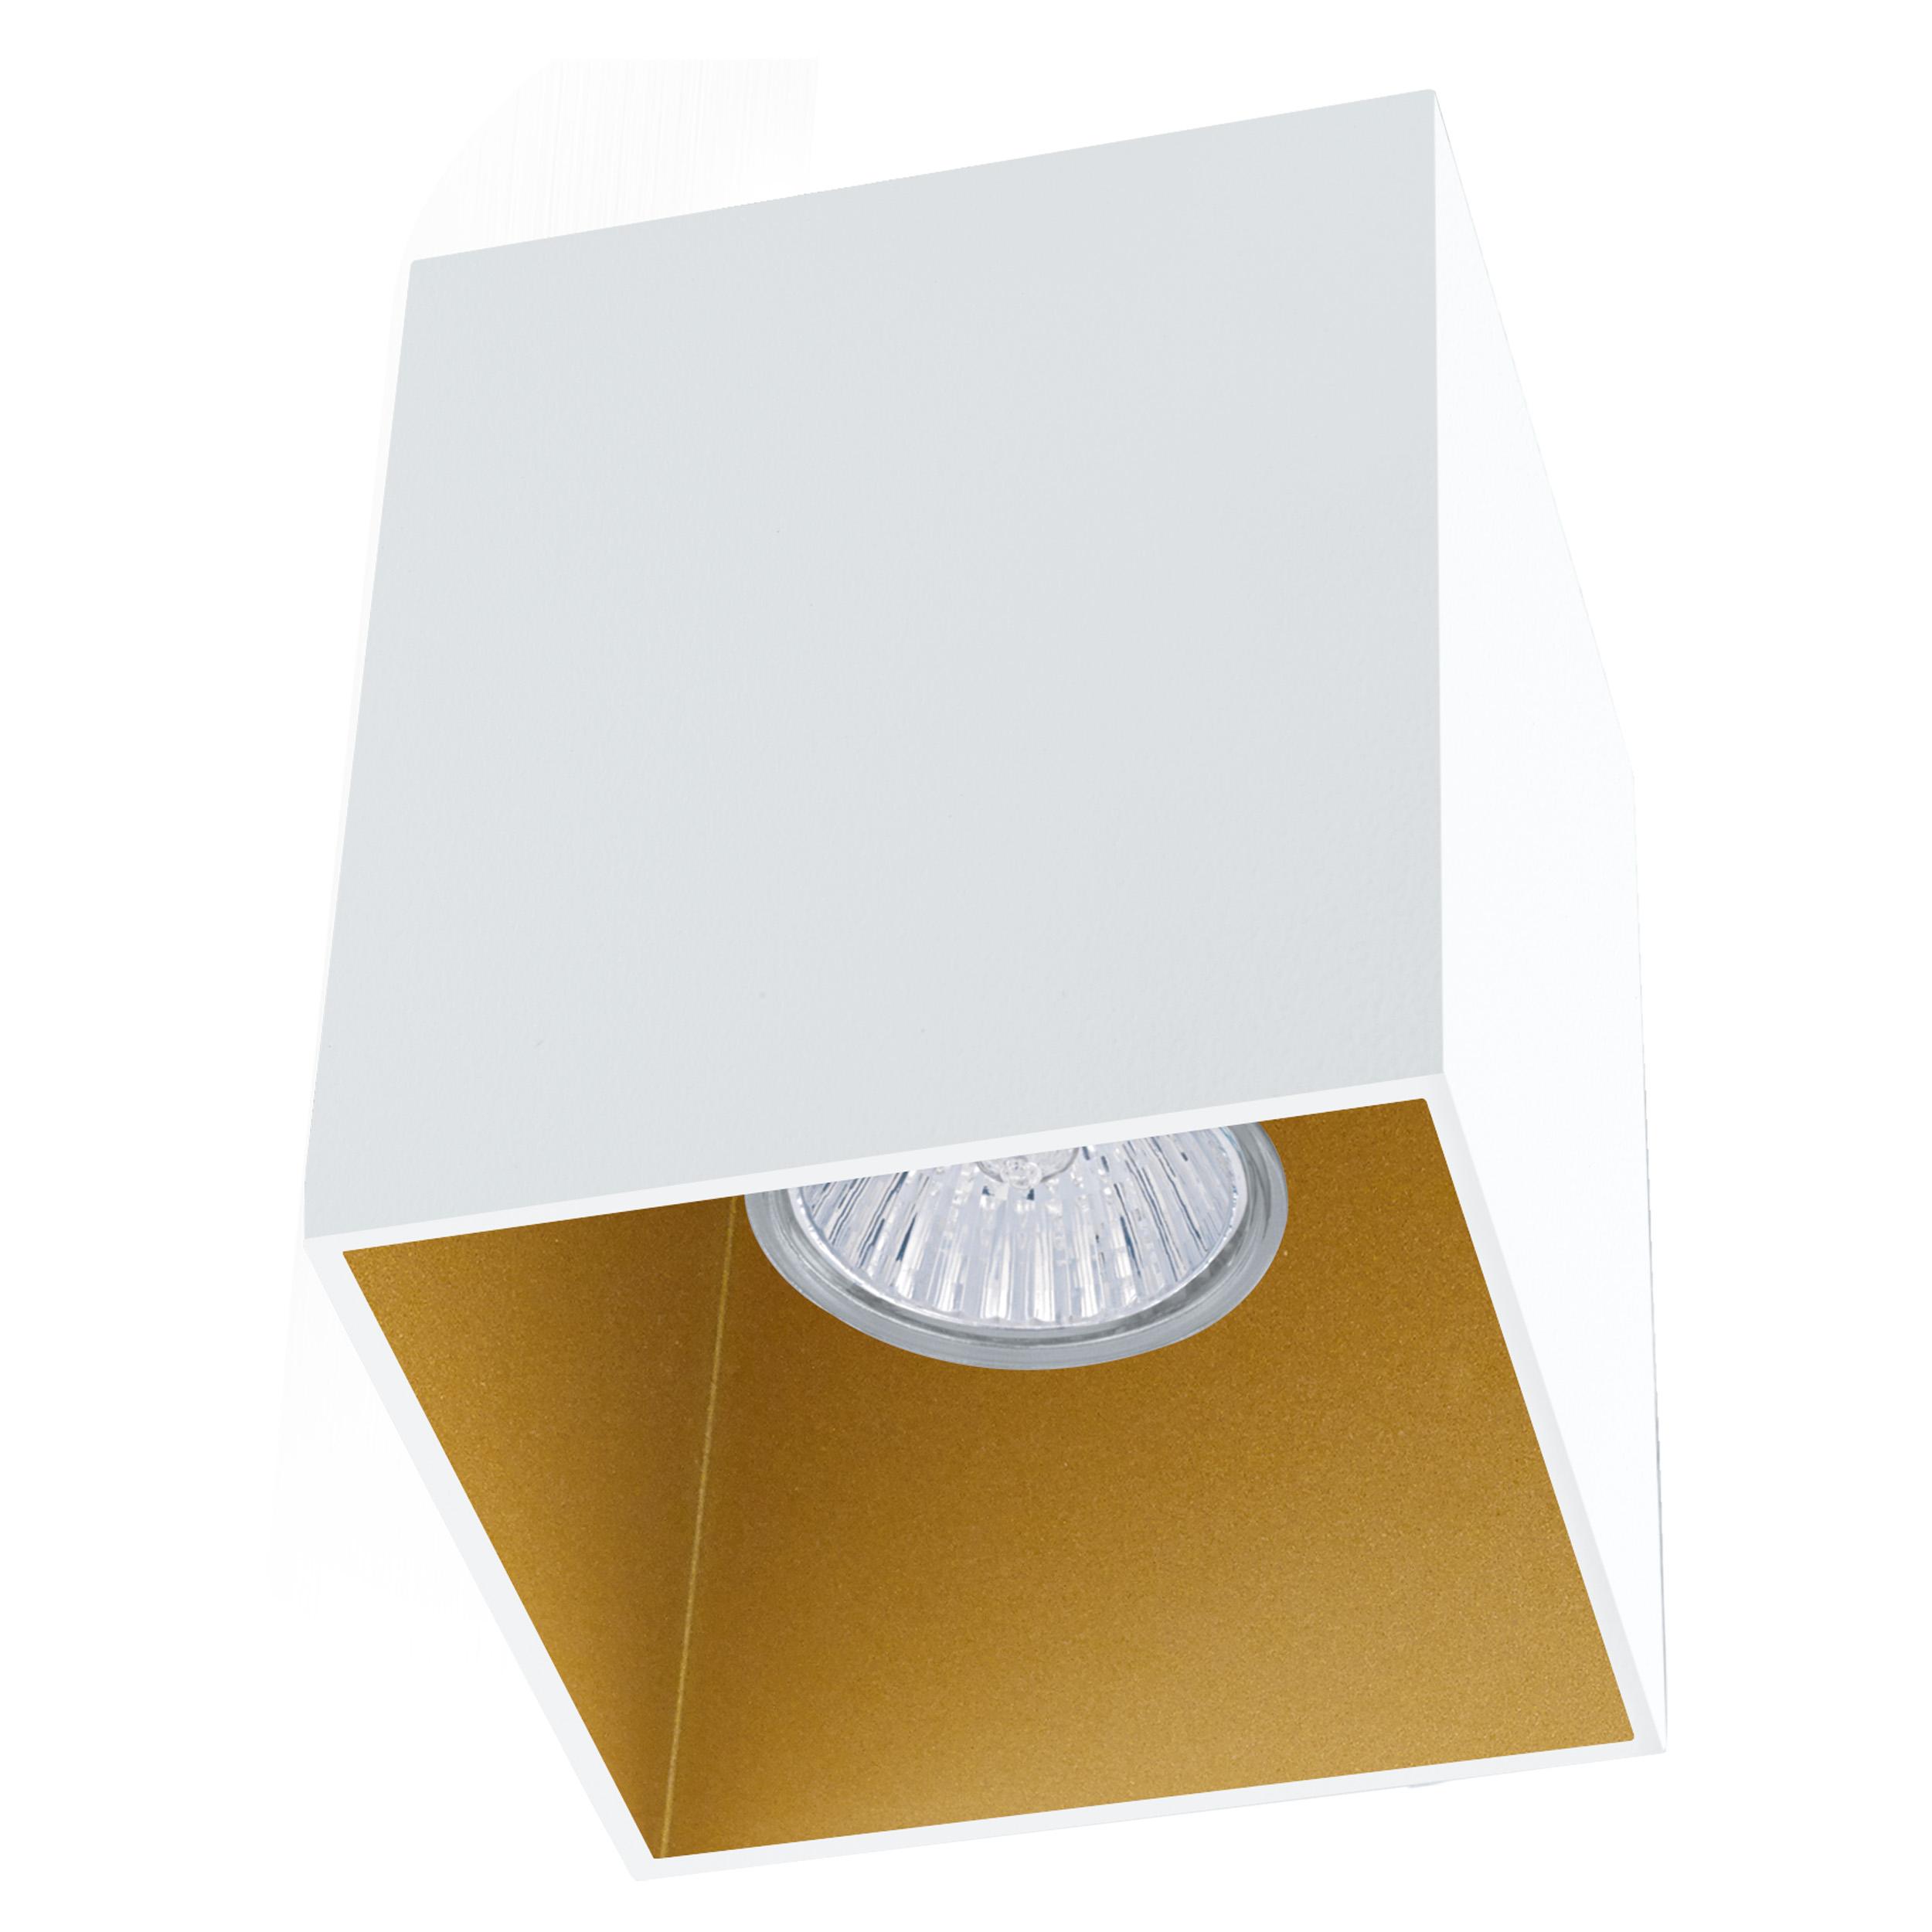 1 Stk Deckenleuchte Polasso eckig 35W weiß / gold IP20 LI62262---